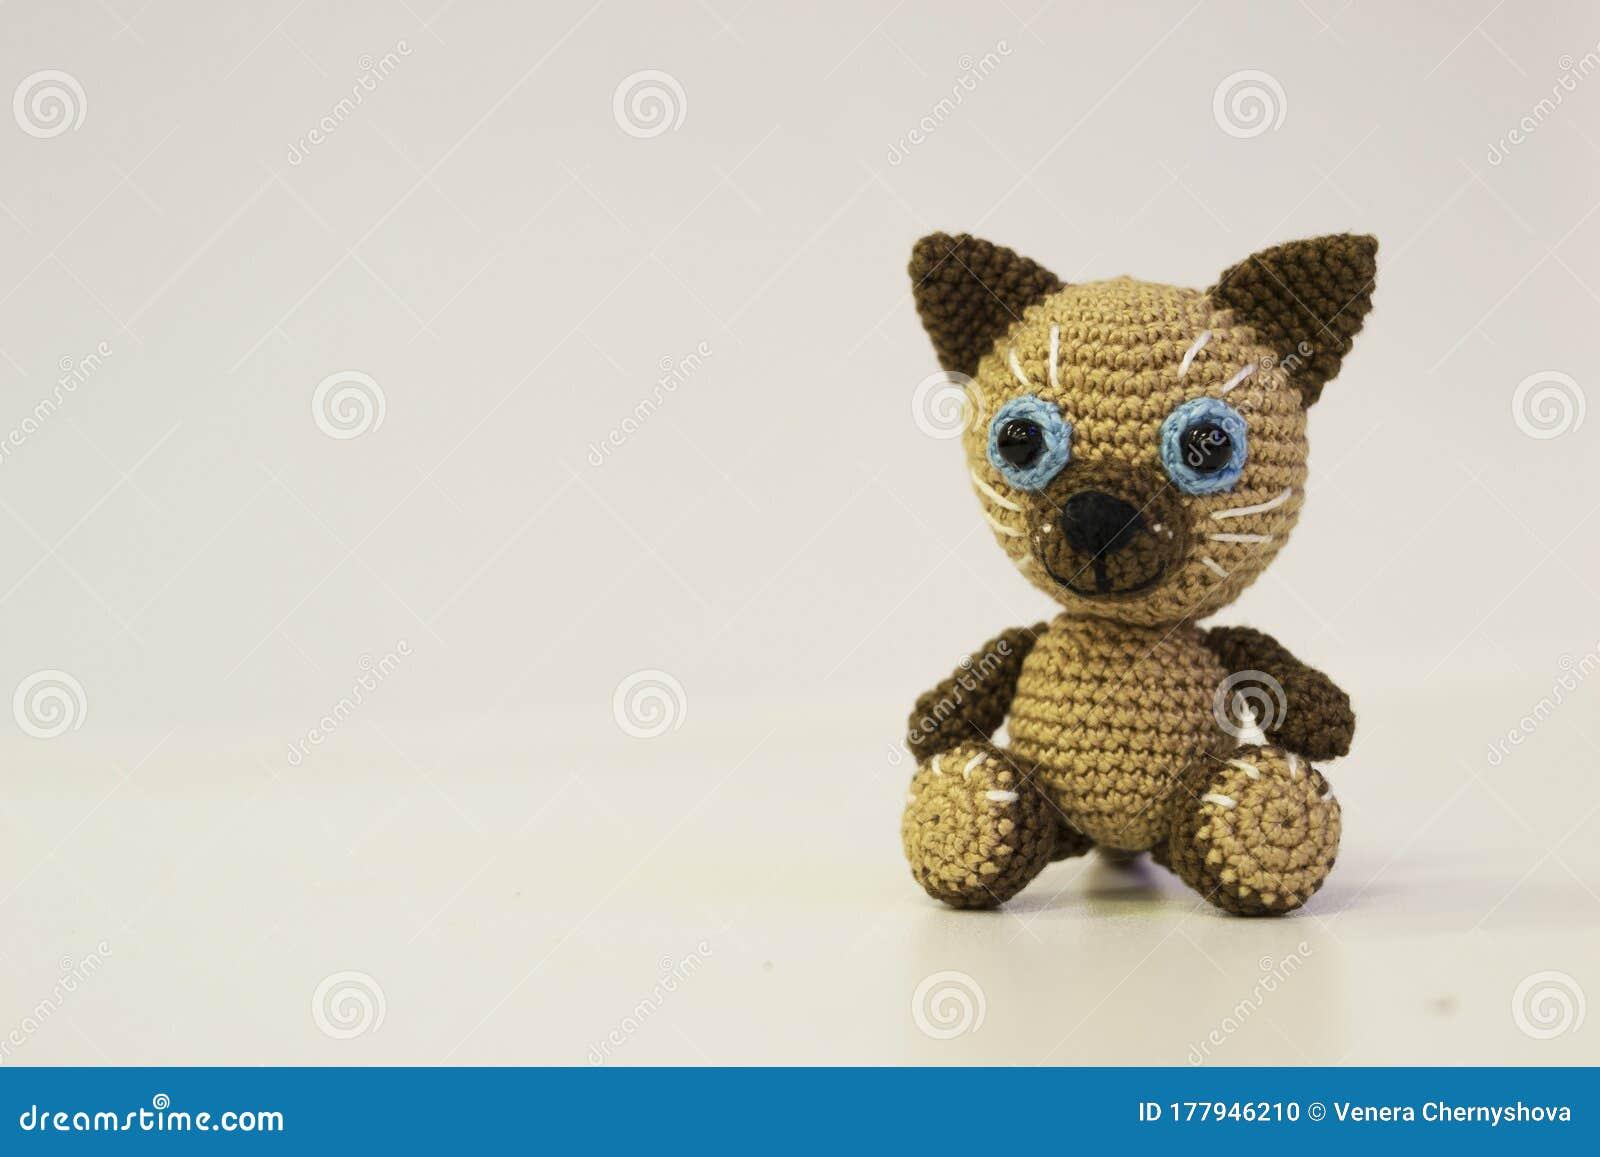 Cat Princess Amigurumi Pattern Stuff The Body - All Crochet - All ... | 1155x1600